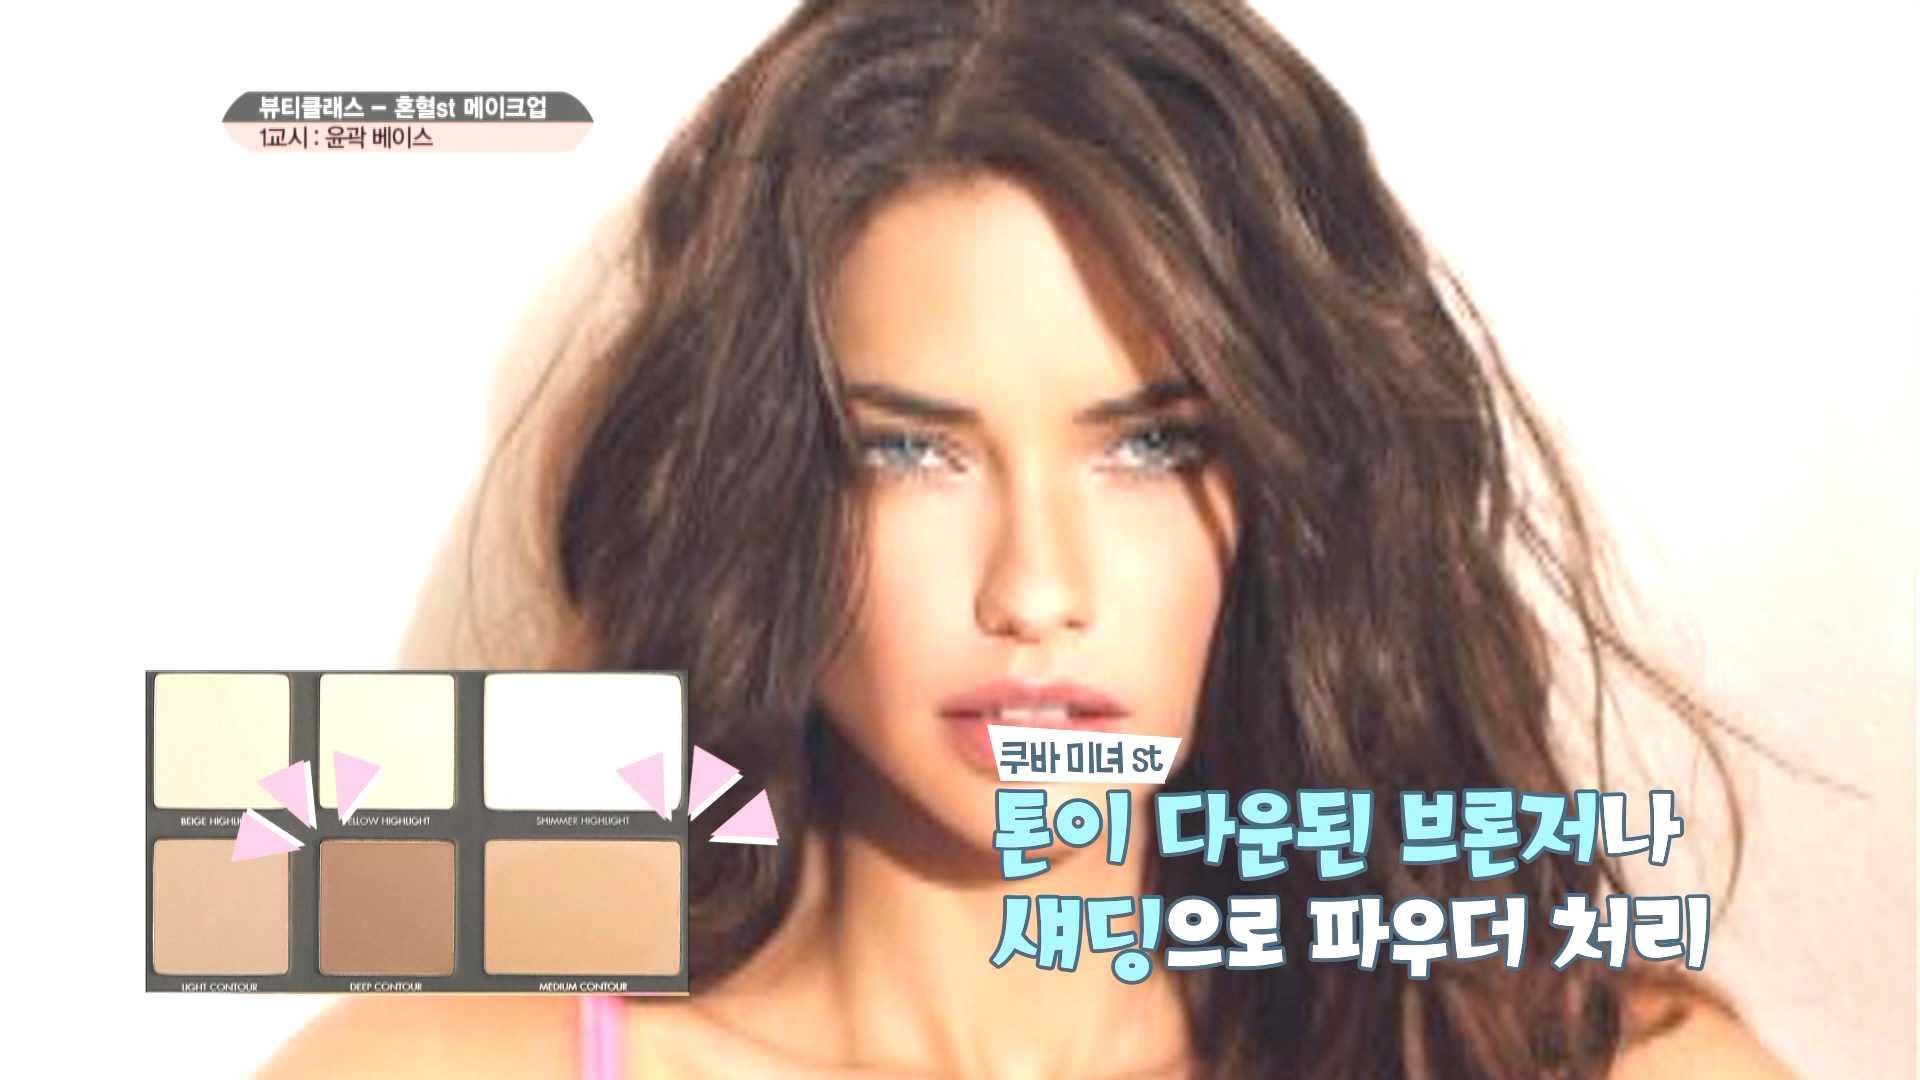 쿠바 미녀st는 톤이 다운된 브론저나 섀딩으로 파우더 처리를 할게요